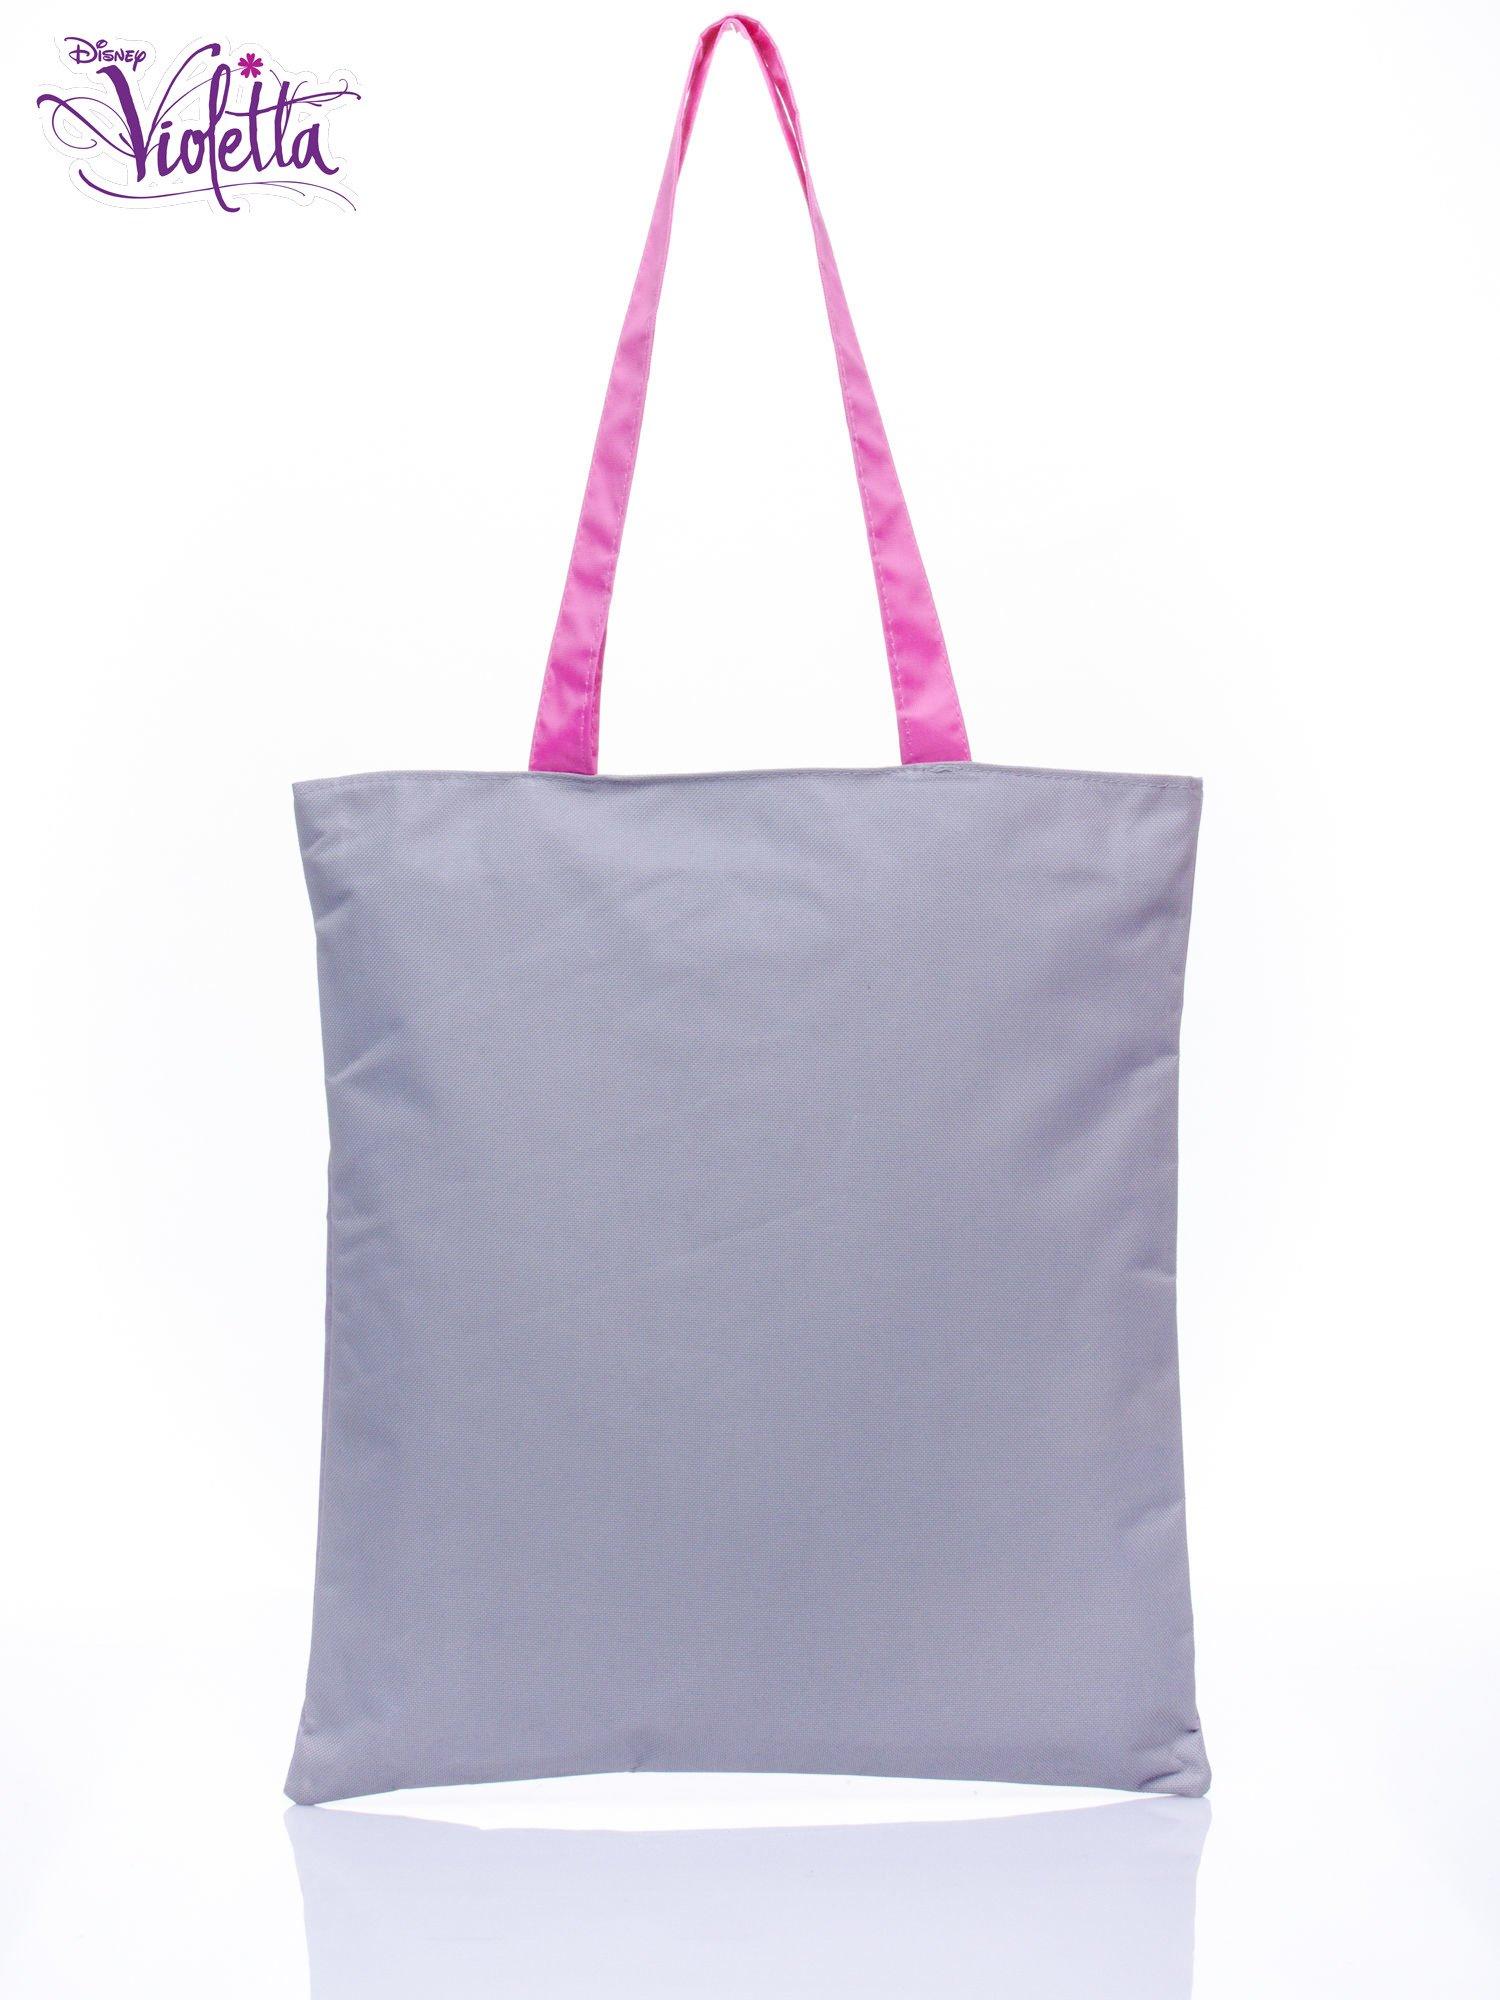 Szara torba shopper bag dla dziewczynki DISNEY Violetta                                  zdj.                                  2